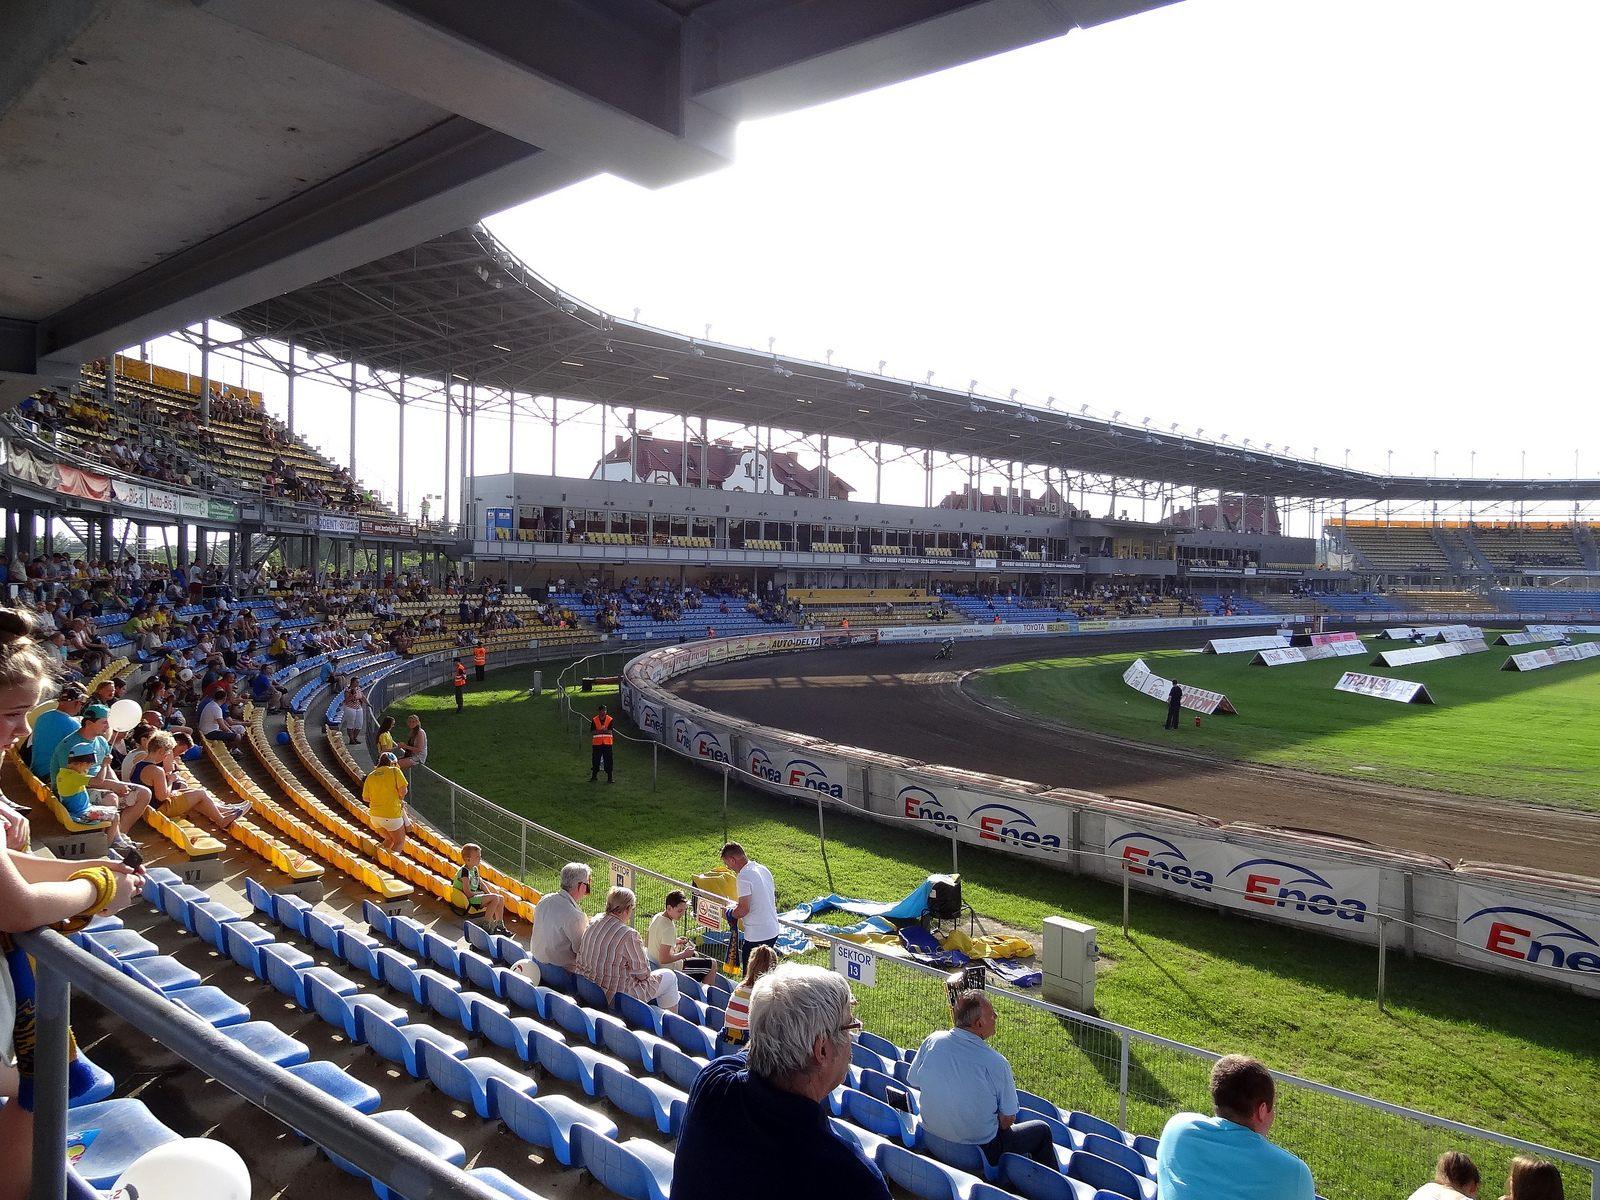 Stadion Stali Gorzów